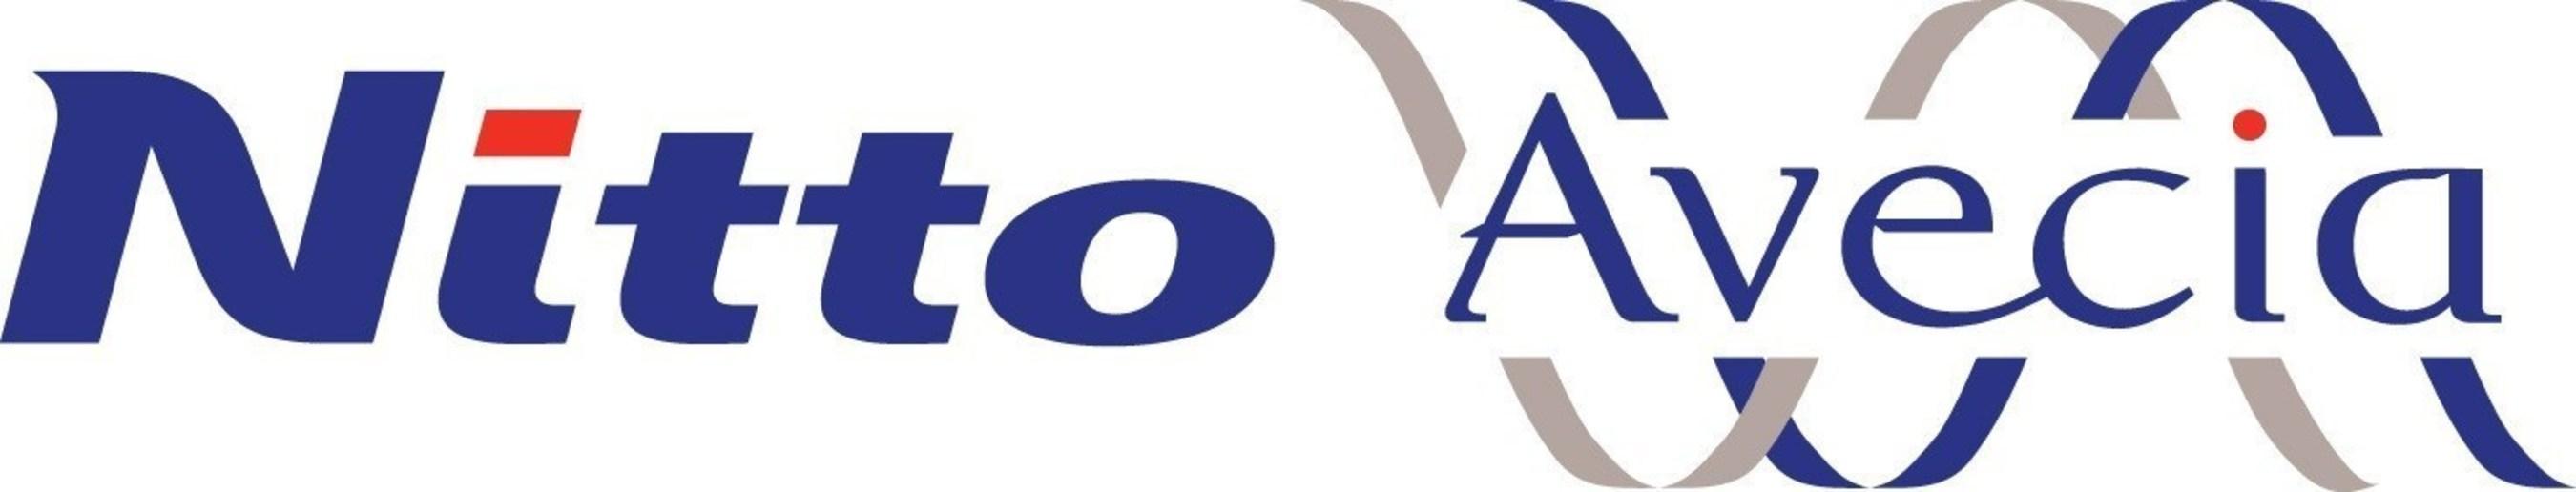 Nitto Avecia Inc.